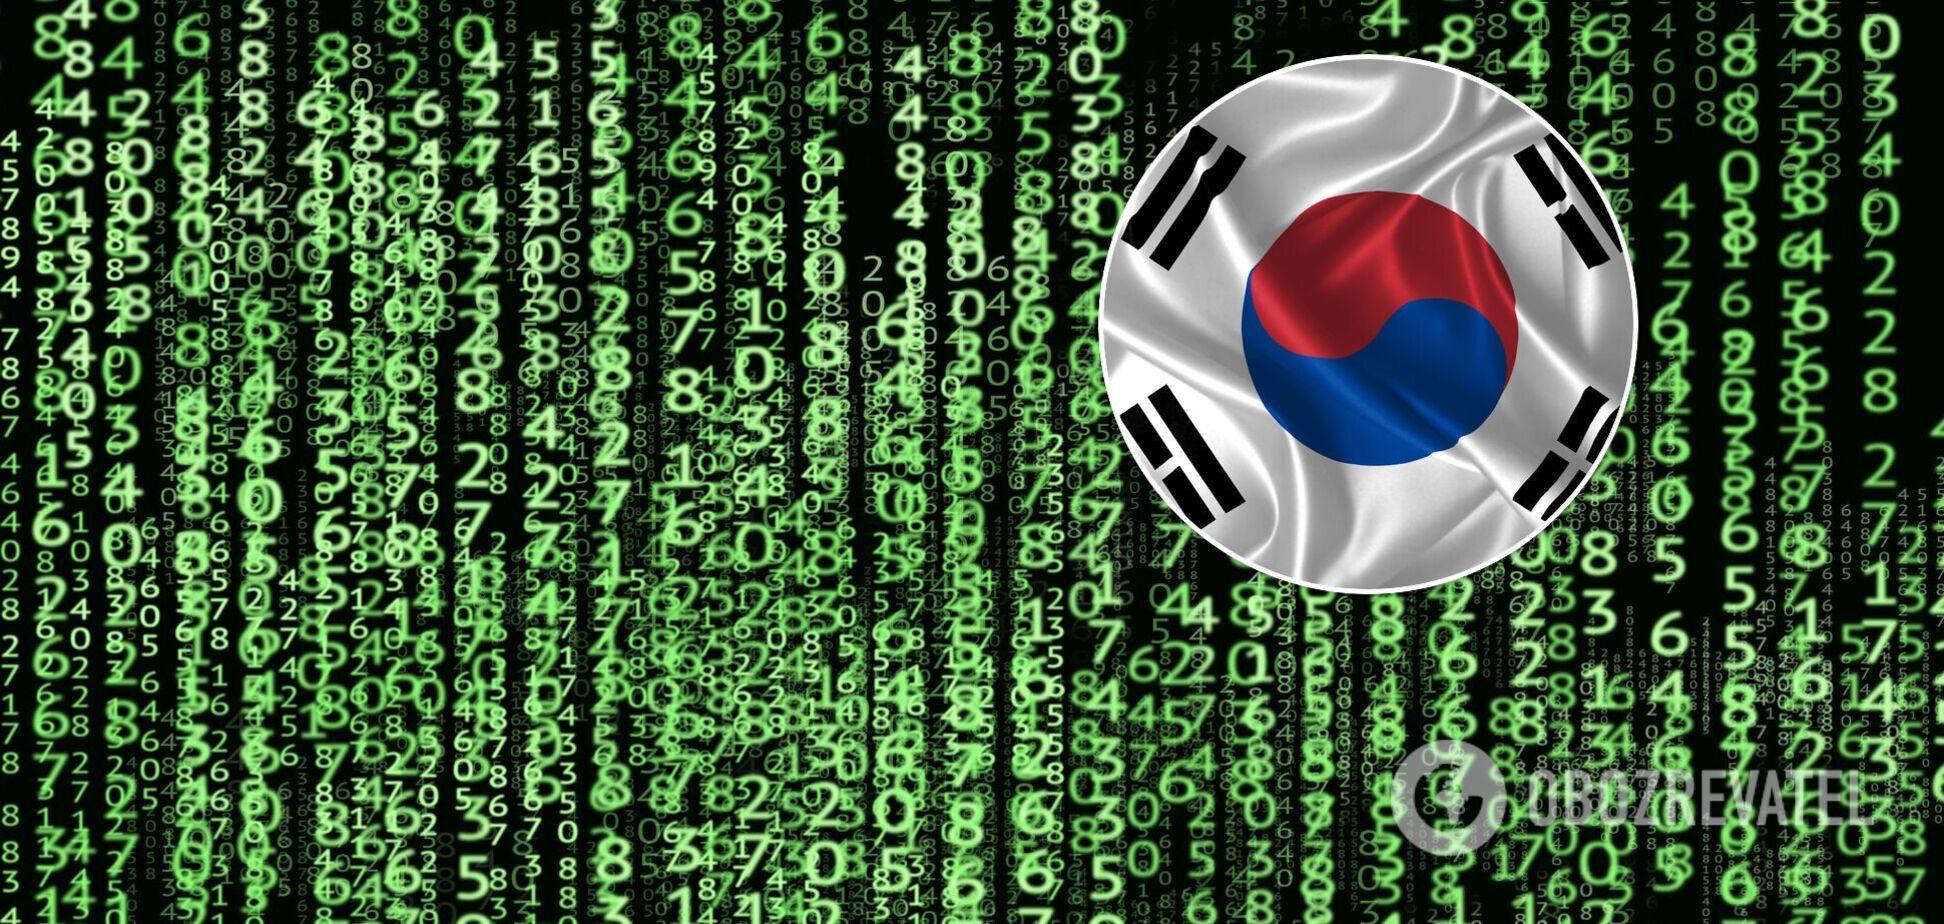 Студентам в Південній Кореї за похід в туалет платять криптовалютою: відомо подробиці